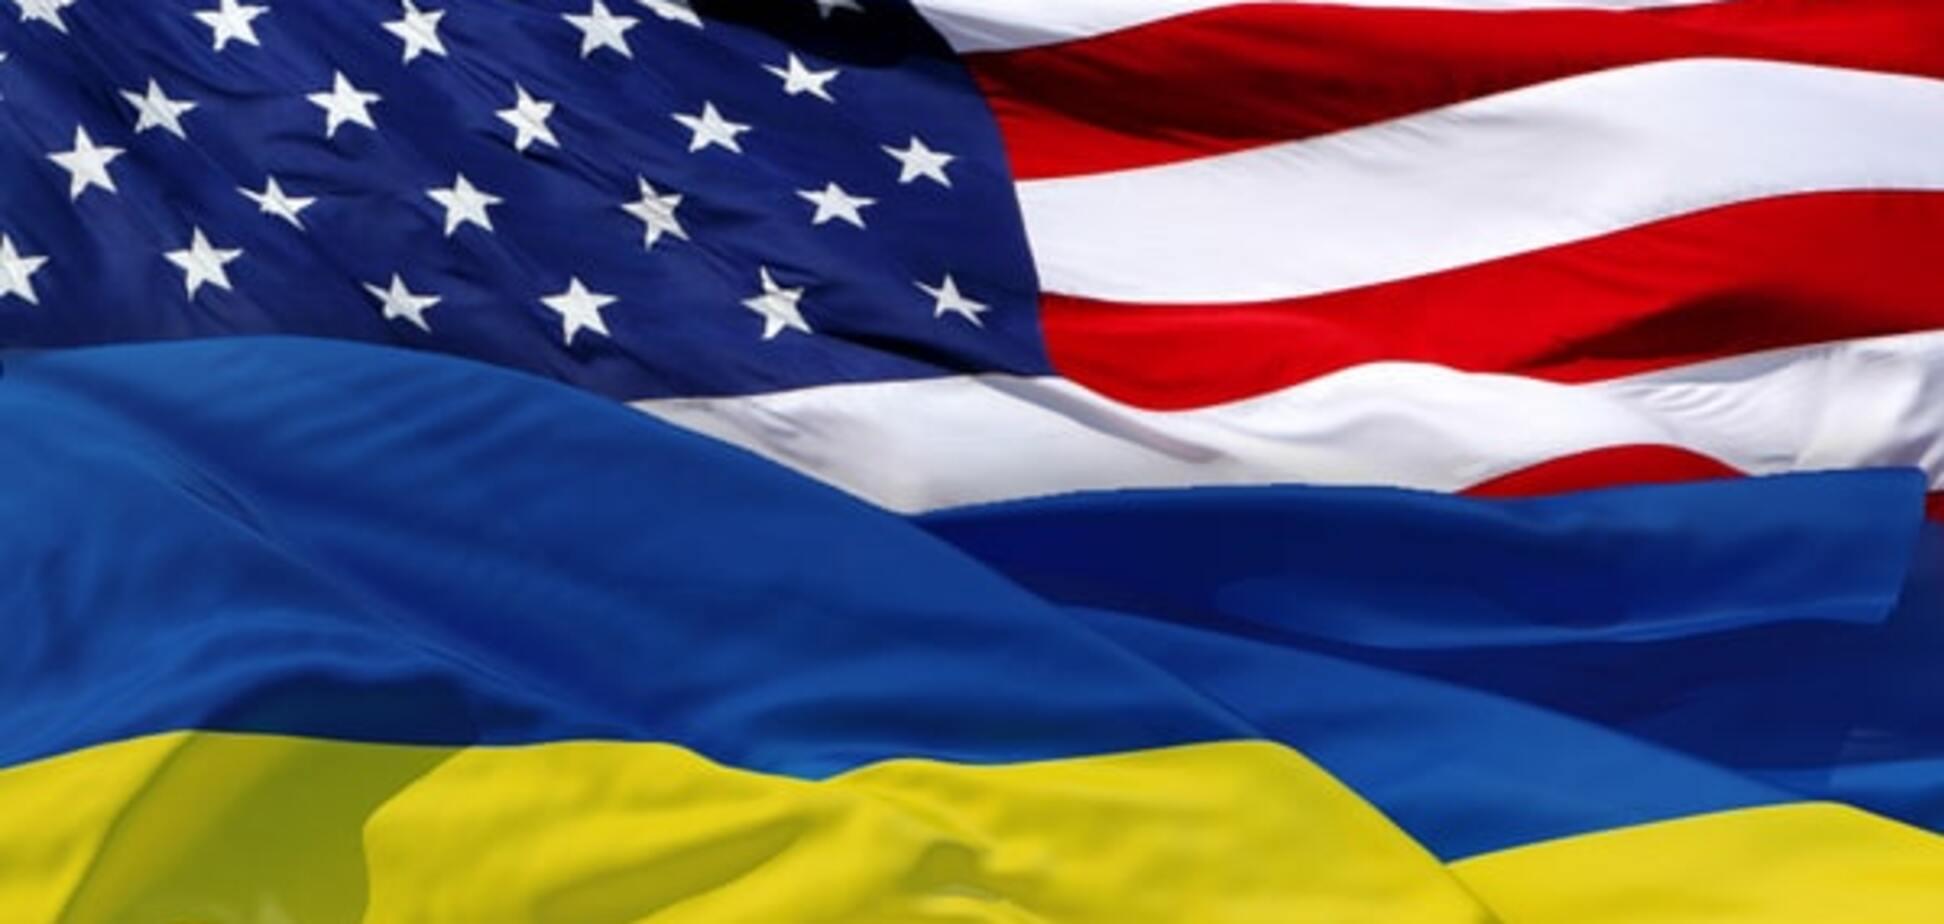 Гербст озвучив очікування США щодо реформ в Україні